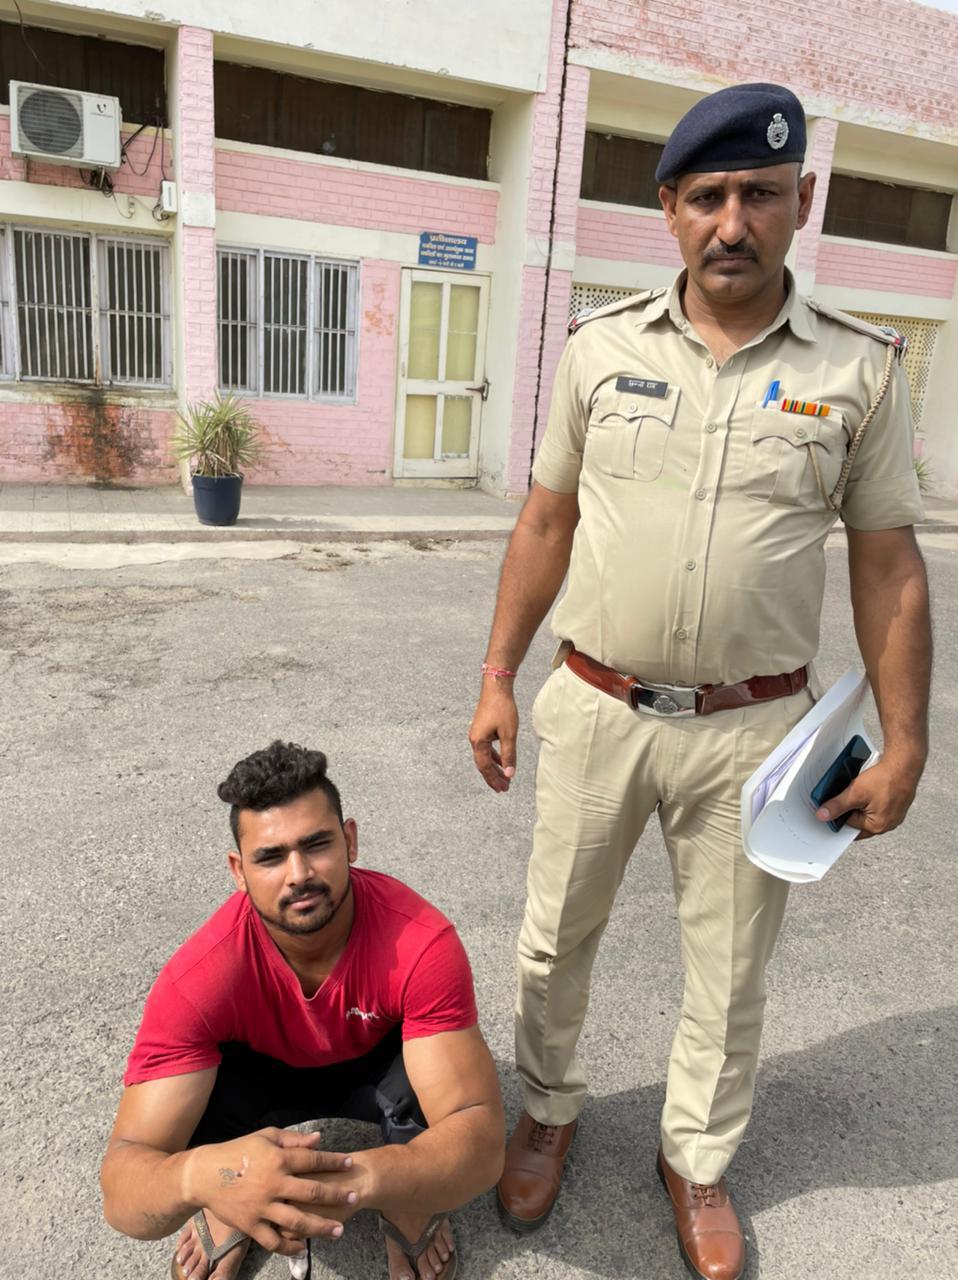 पिस्तौल व कारतूस लेकर आरोपी बनने चला था डॉन, लेकिन पहुंच गया जेल फरीदाबाद,Faridabad - Dainik Bhaskar